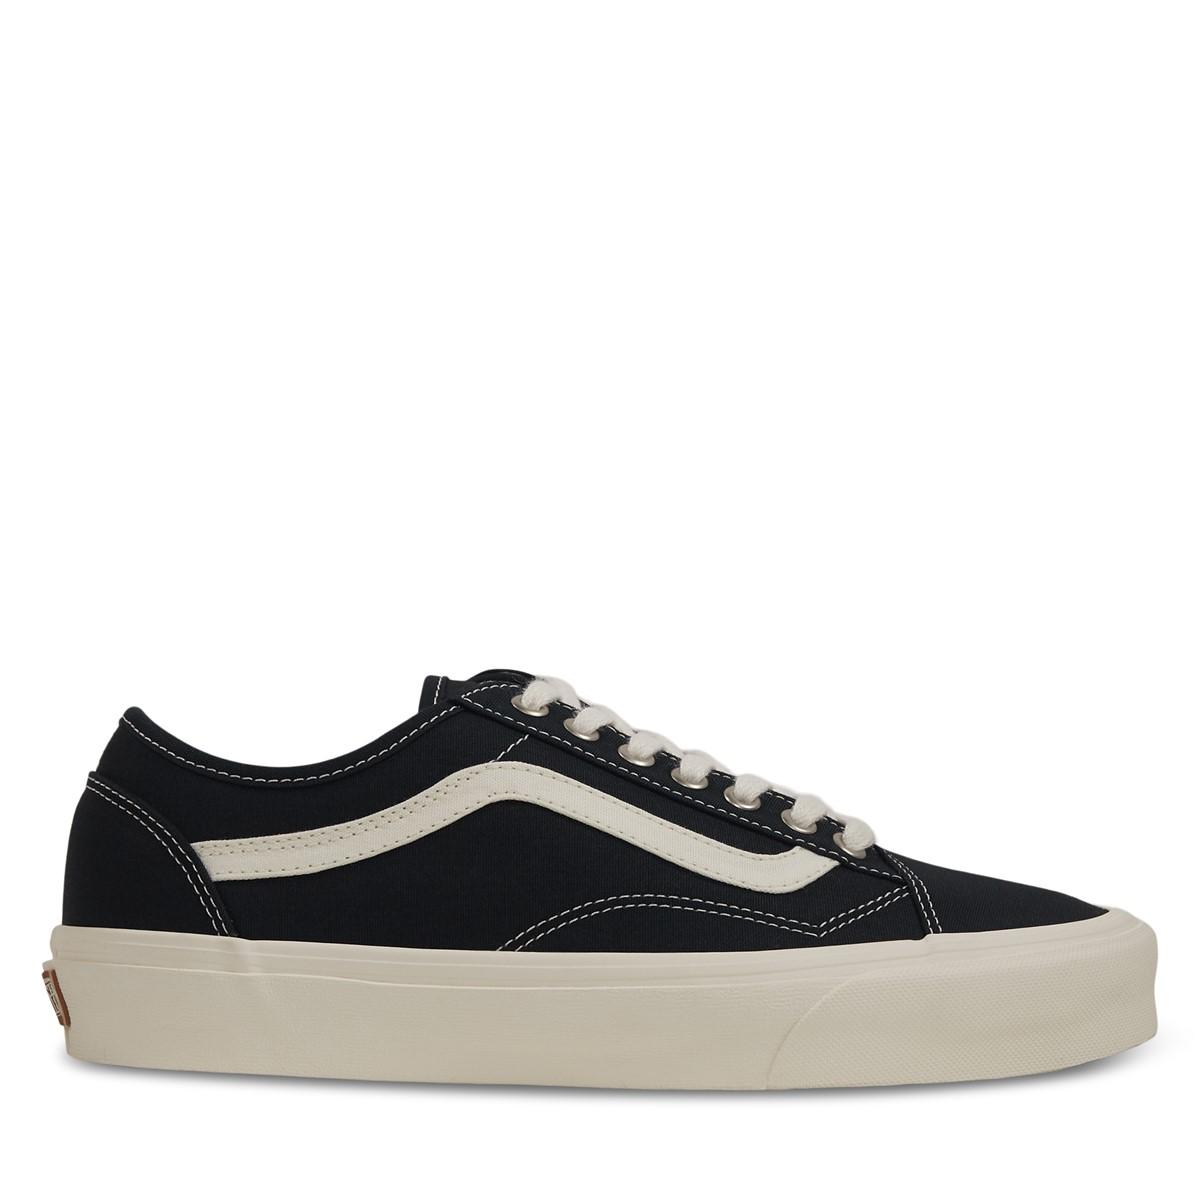 Eco Theory Old Skool Sneakers in Black/Beige